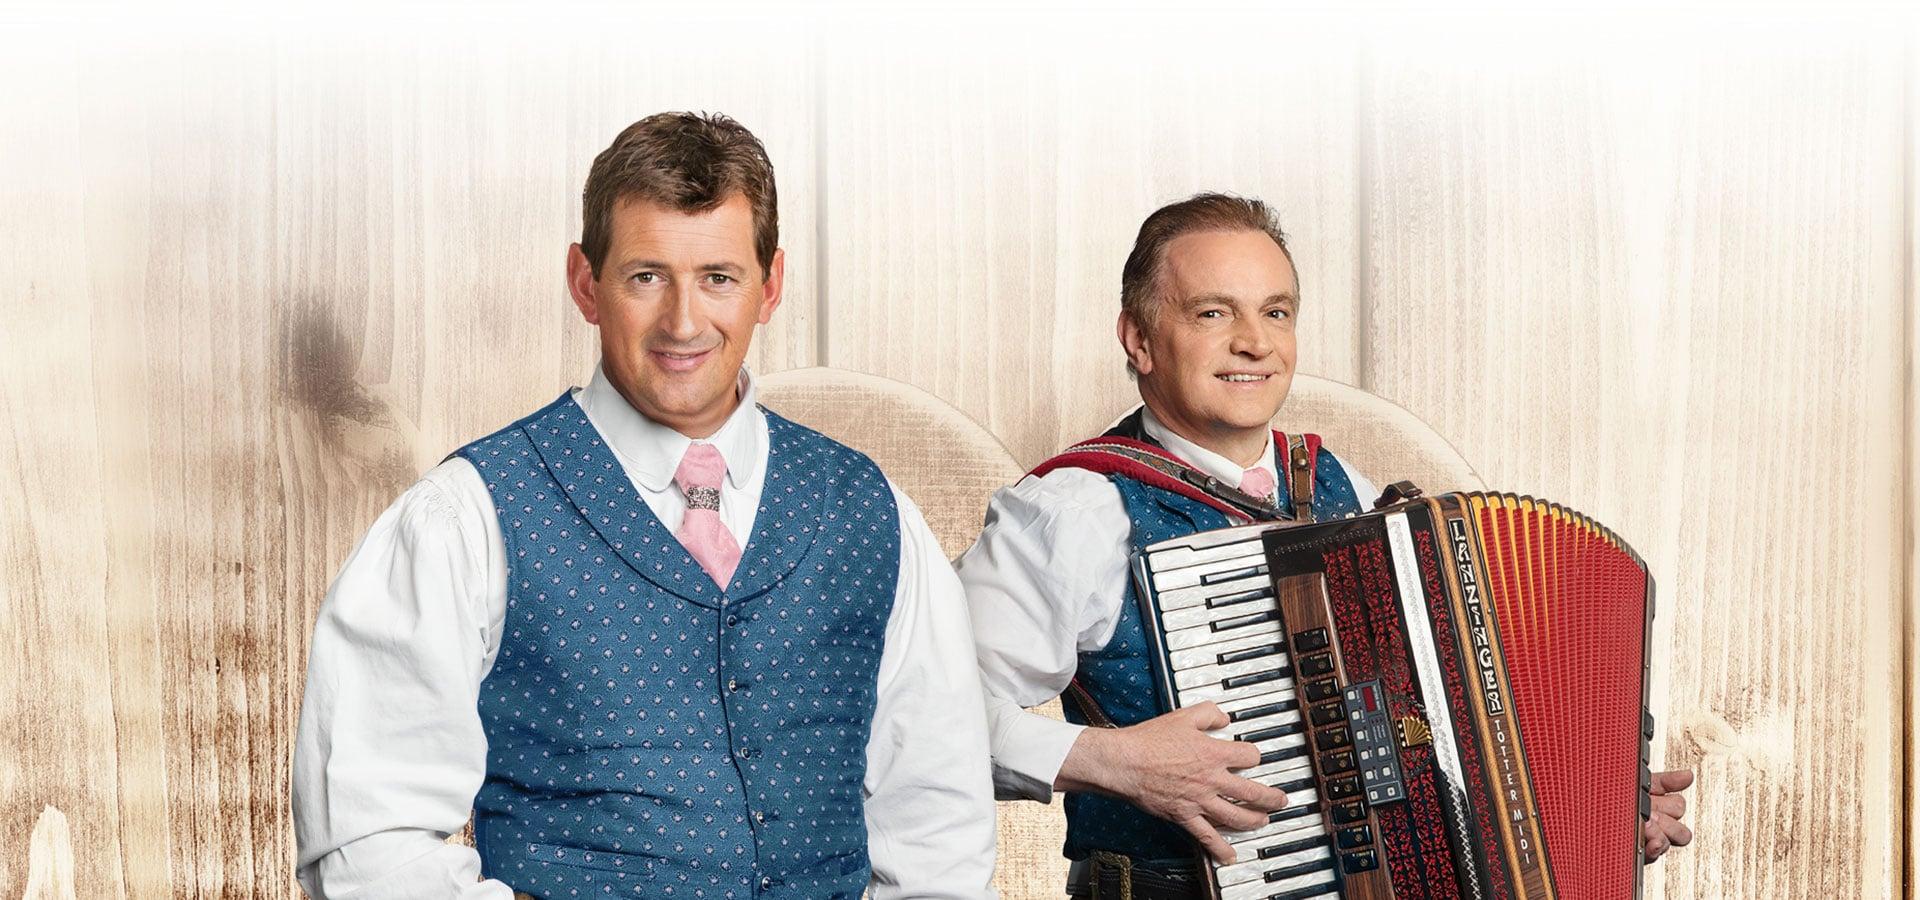 Musikreise Osterkonzert MeransenKonzerte die Ladiner